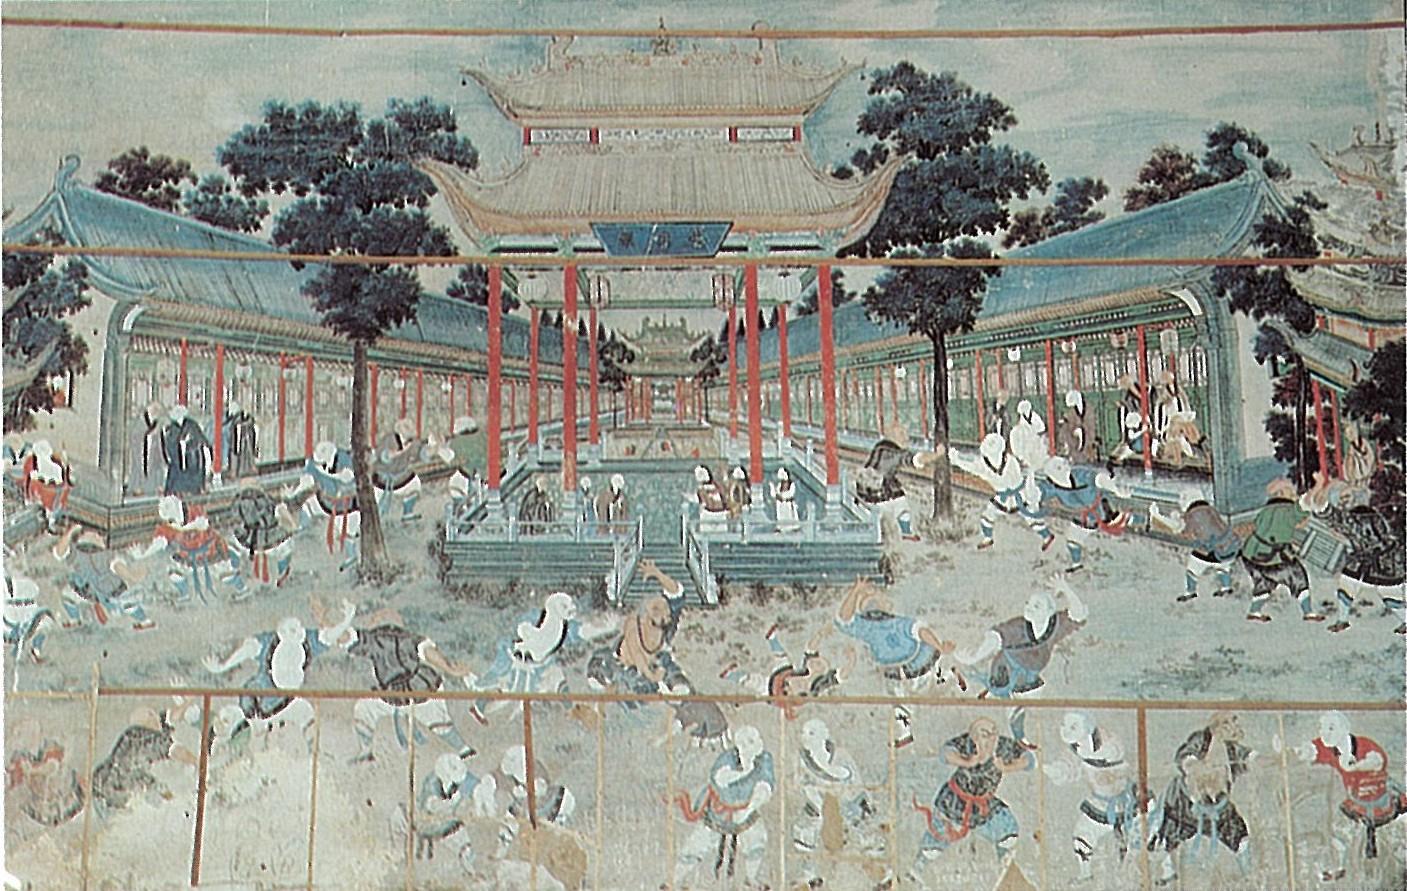 Shorinji kempo s history shorinji kempo karlstad shibu for Chinese mural painting